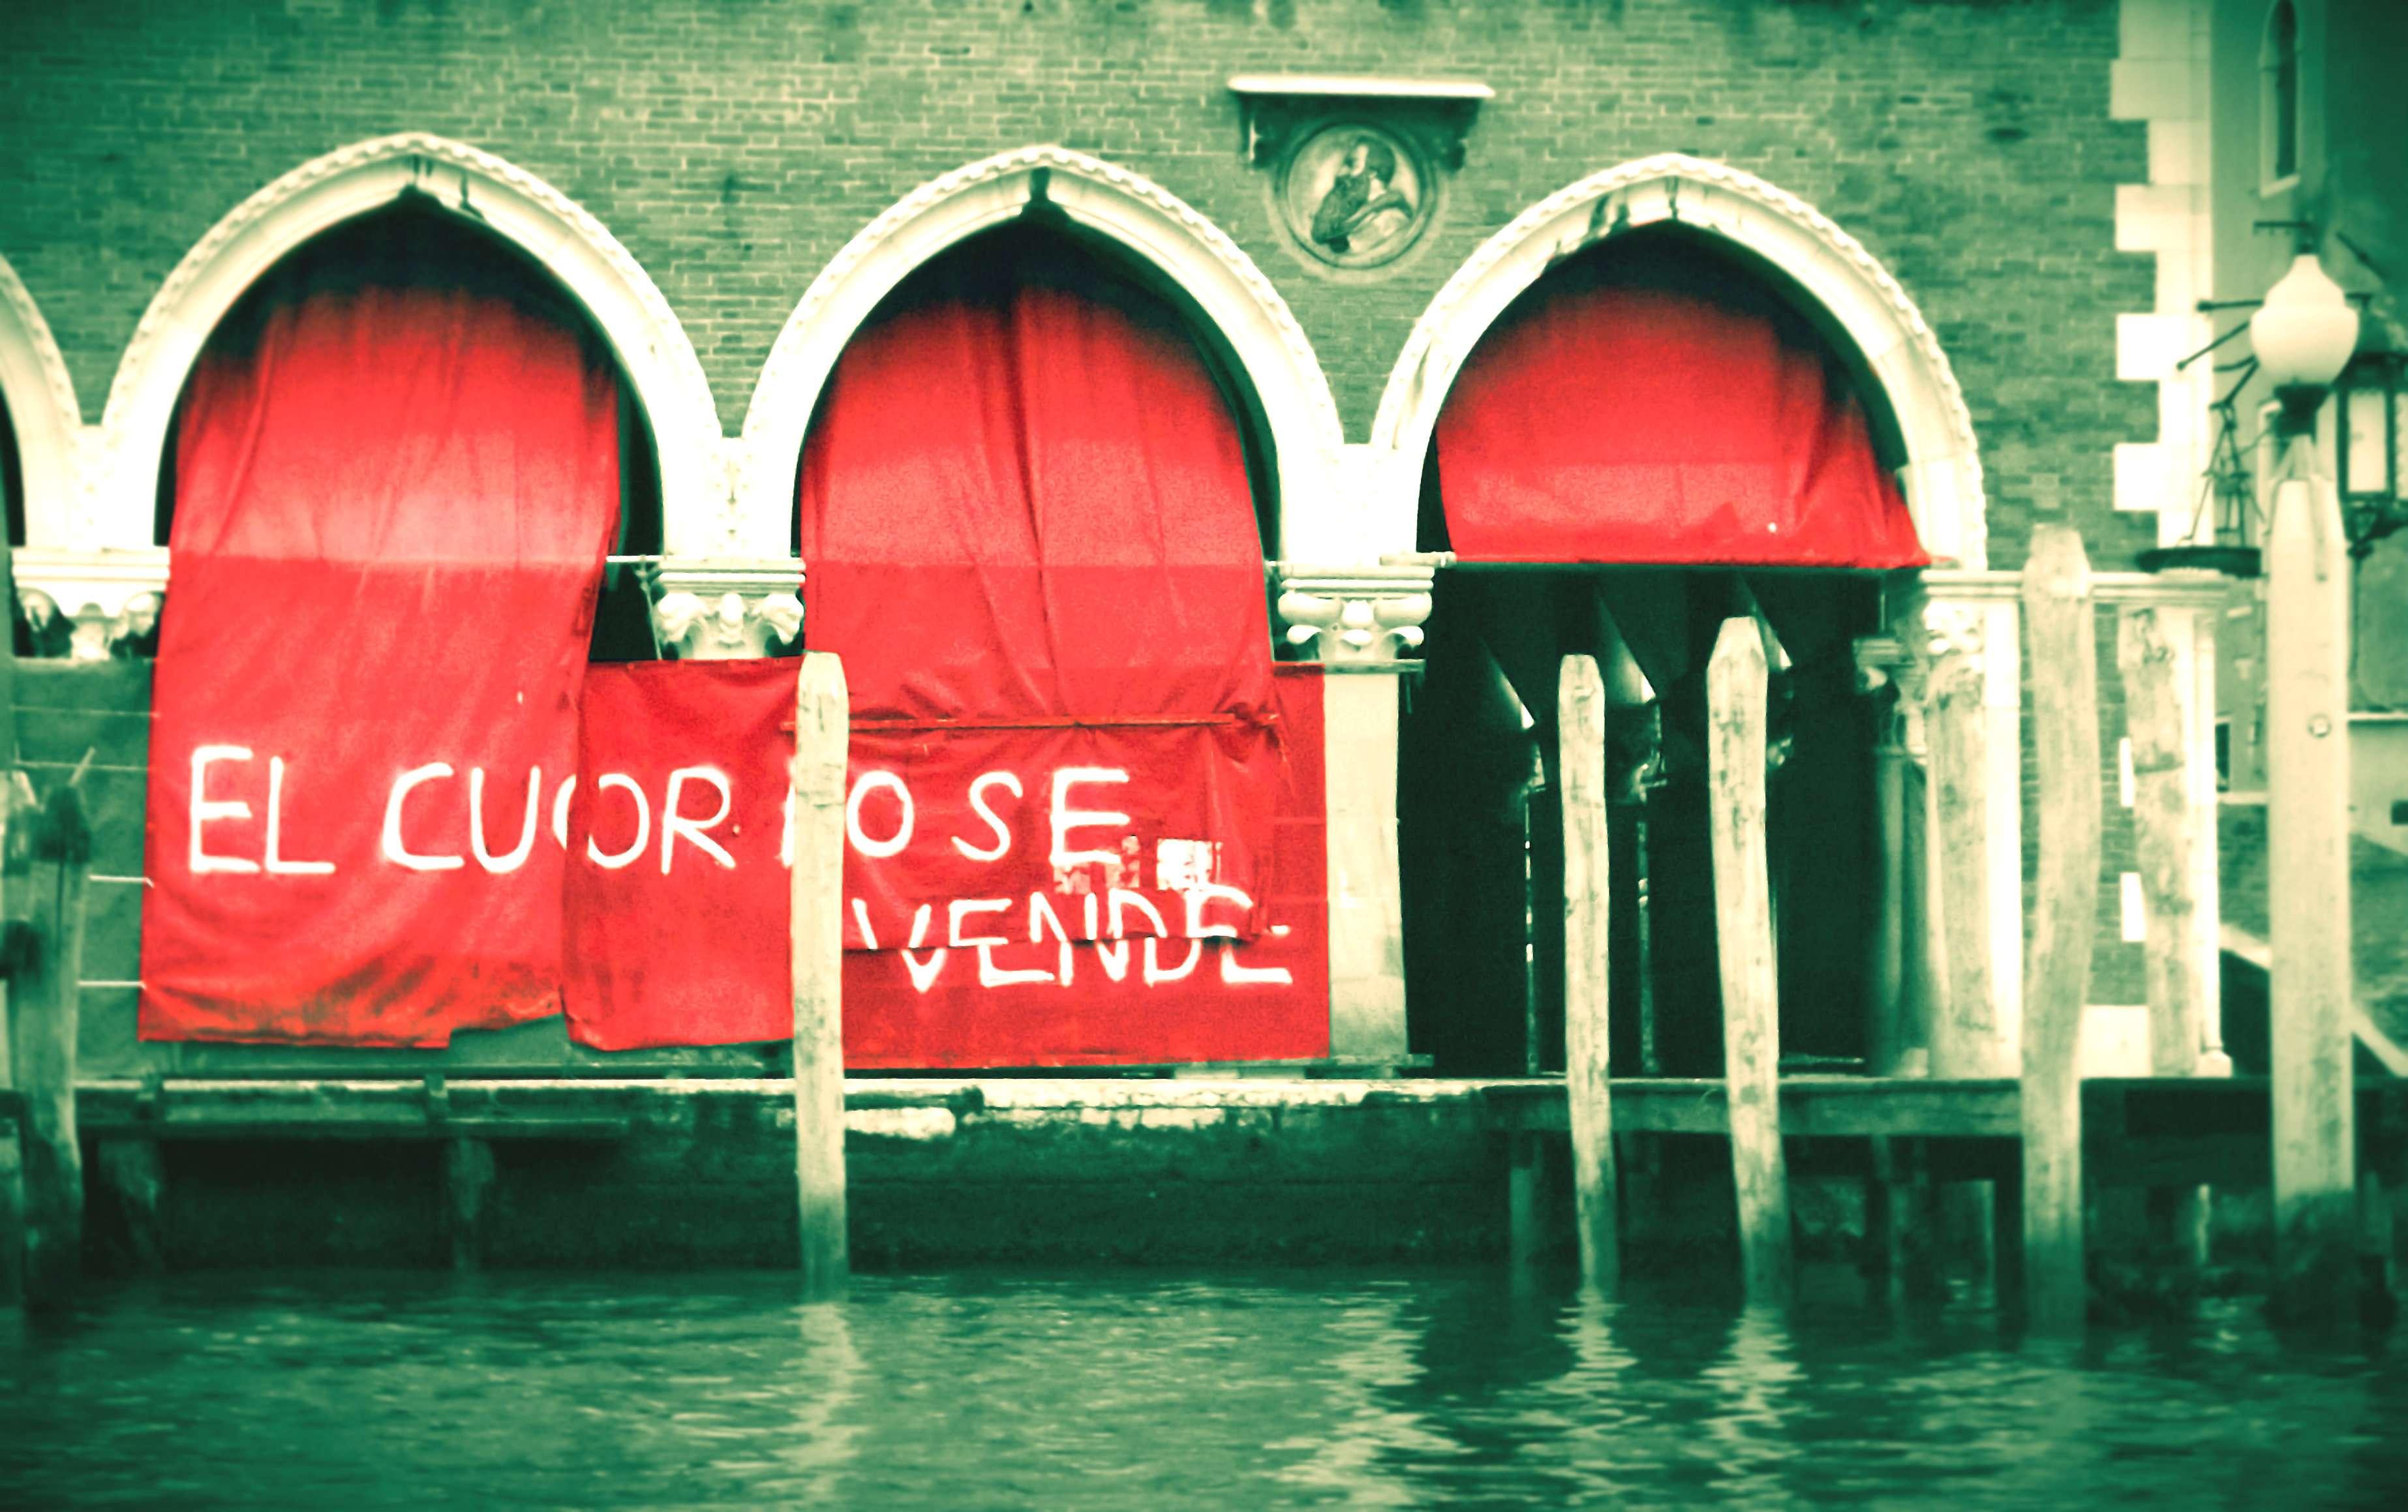 lasciamo morire venezia